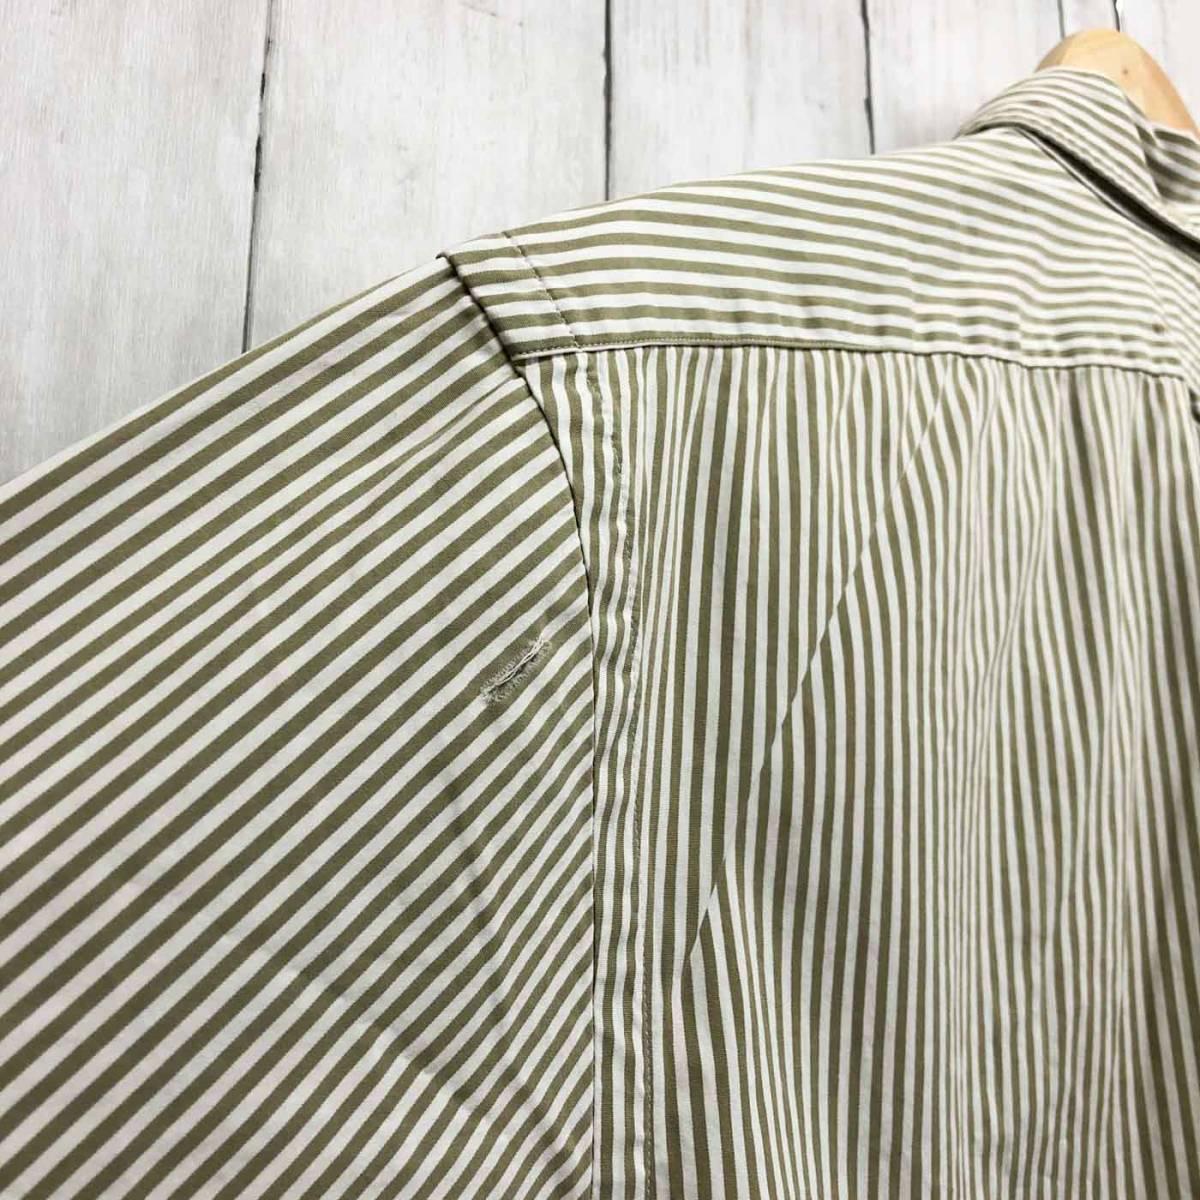 ラルフローレン POLO Ralph Lauren Polo 半袖シャツ メンズ ワンポイント XLサイズ 7-184_画像8